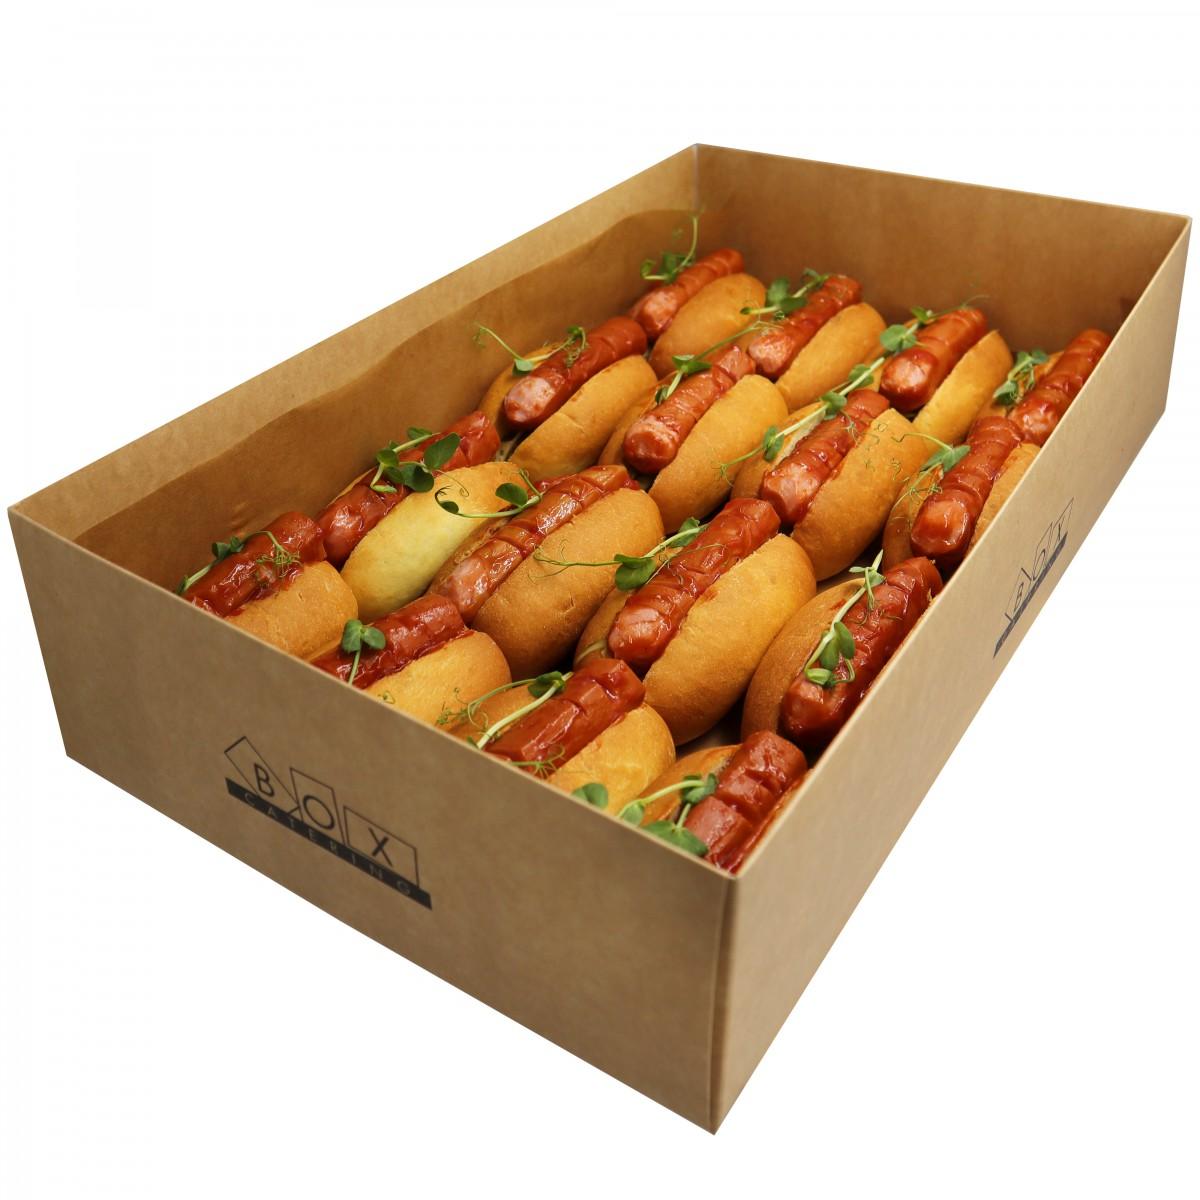 Hot dog big box фото 3